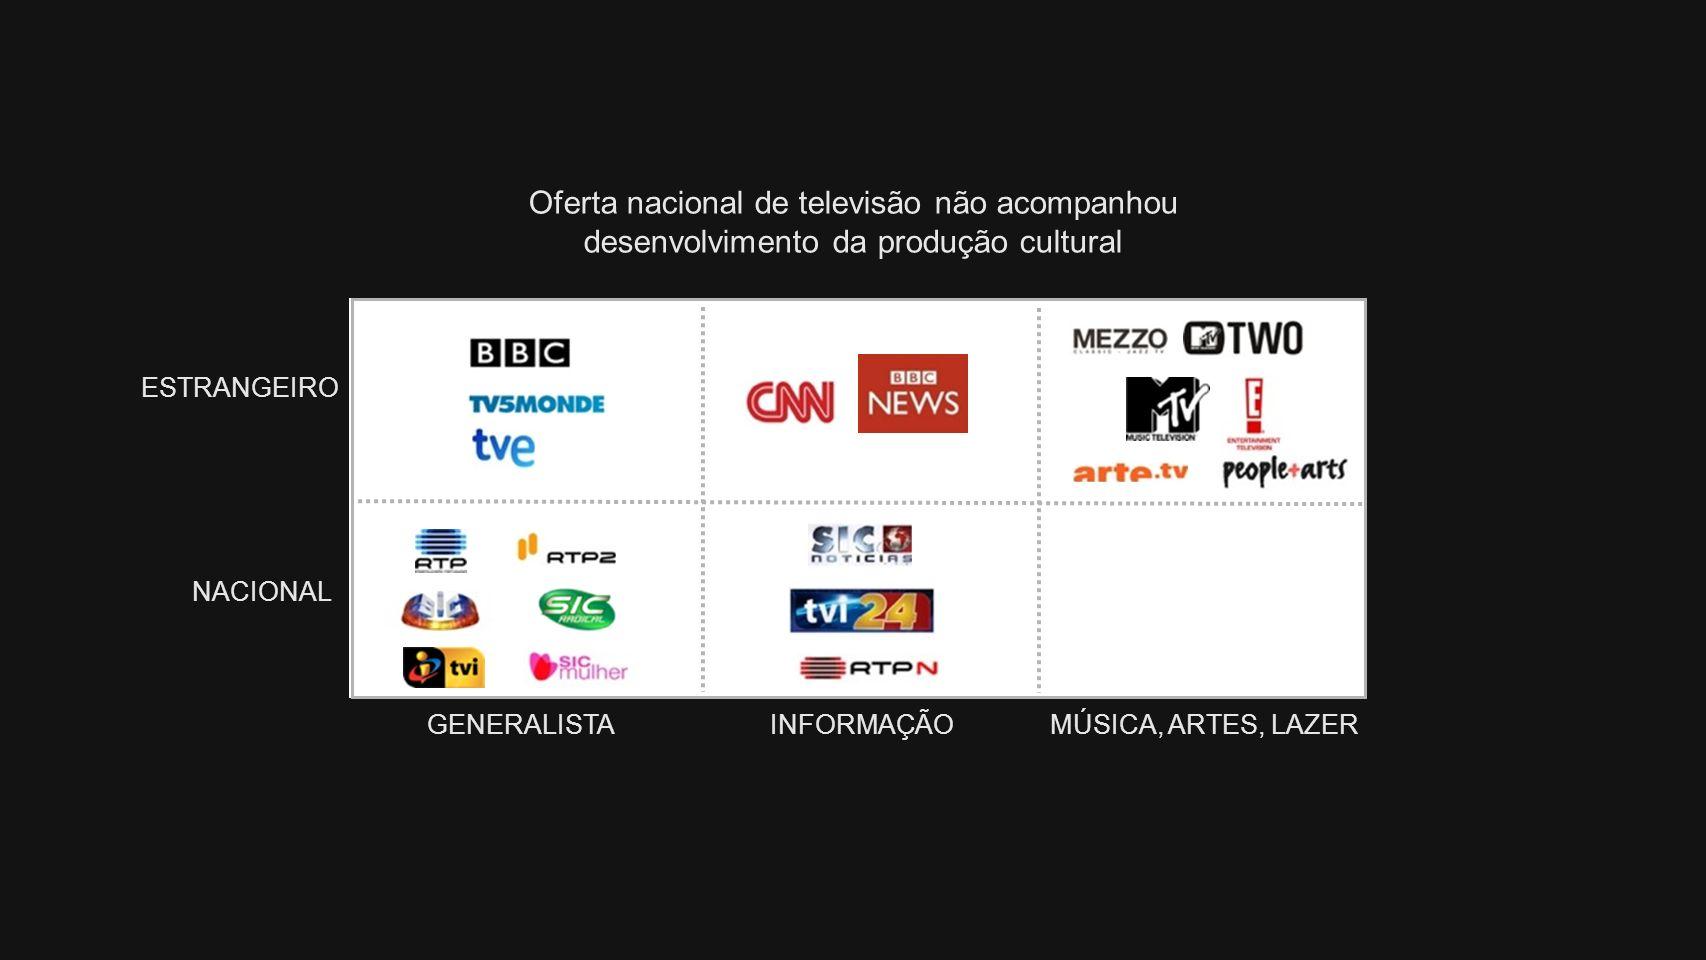 ESTRANGEIRO NACIONAL GENERALISTAINFORMAÇÃOMÚSICA, ARTES, LAZER Oferta nacional de televisão não acompanhou desenvolvimento da produção cultural